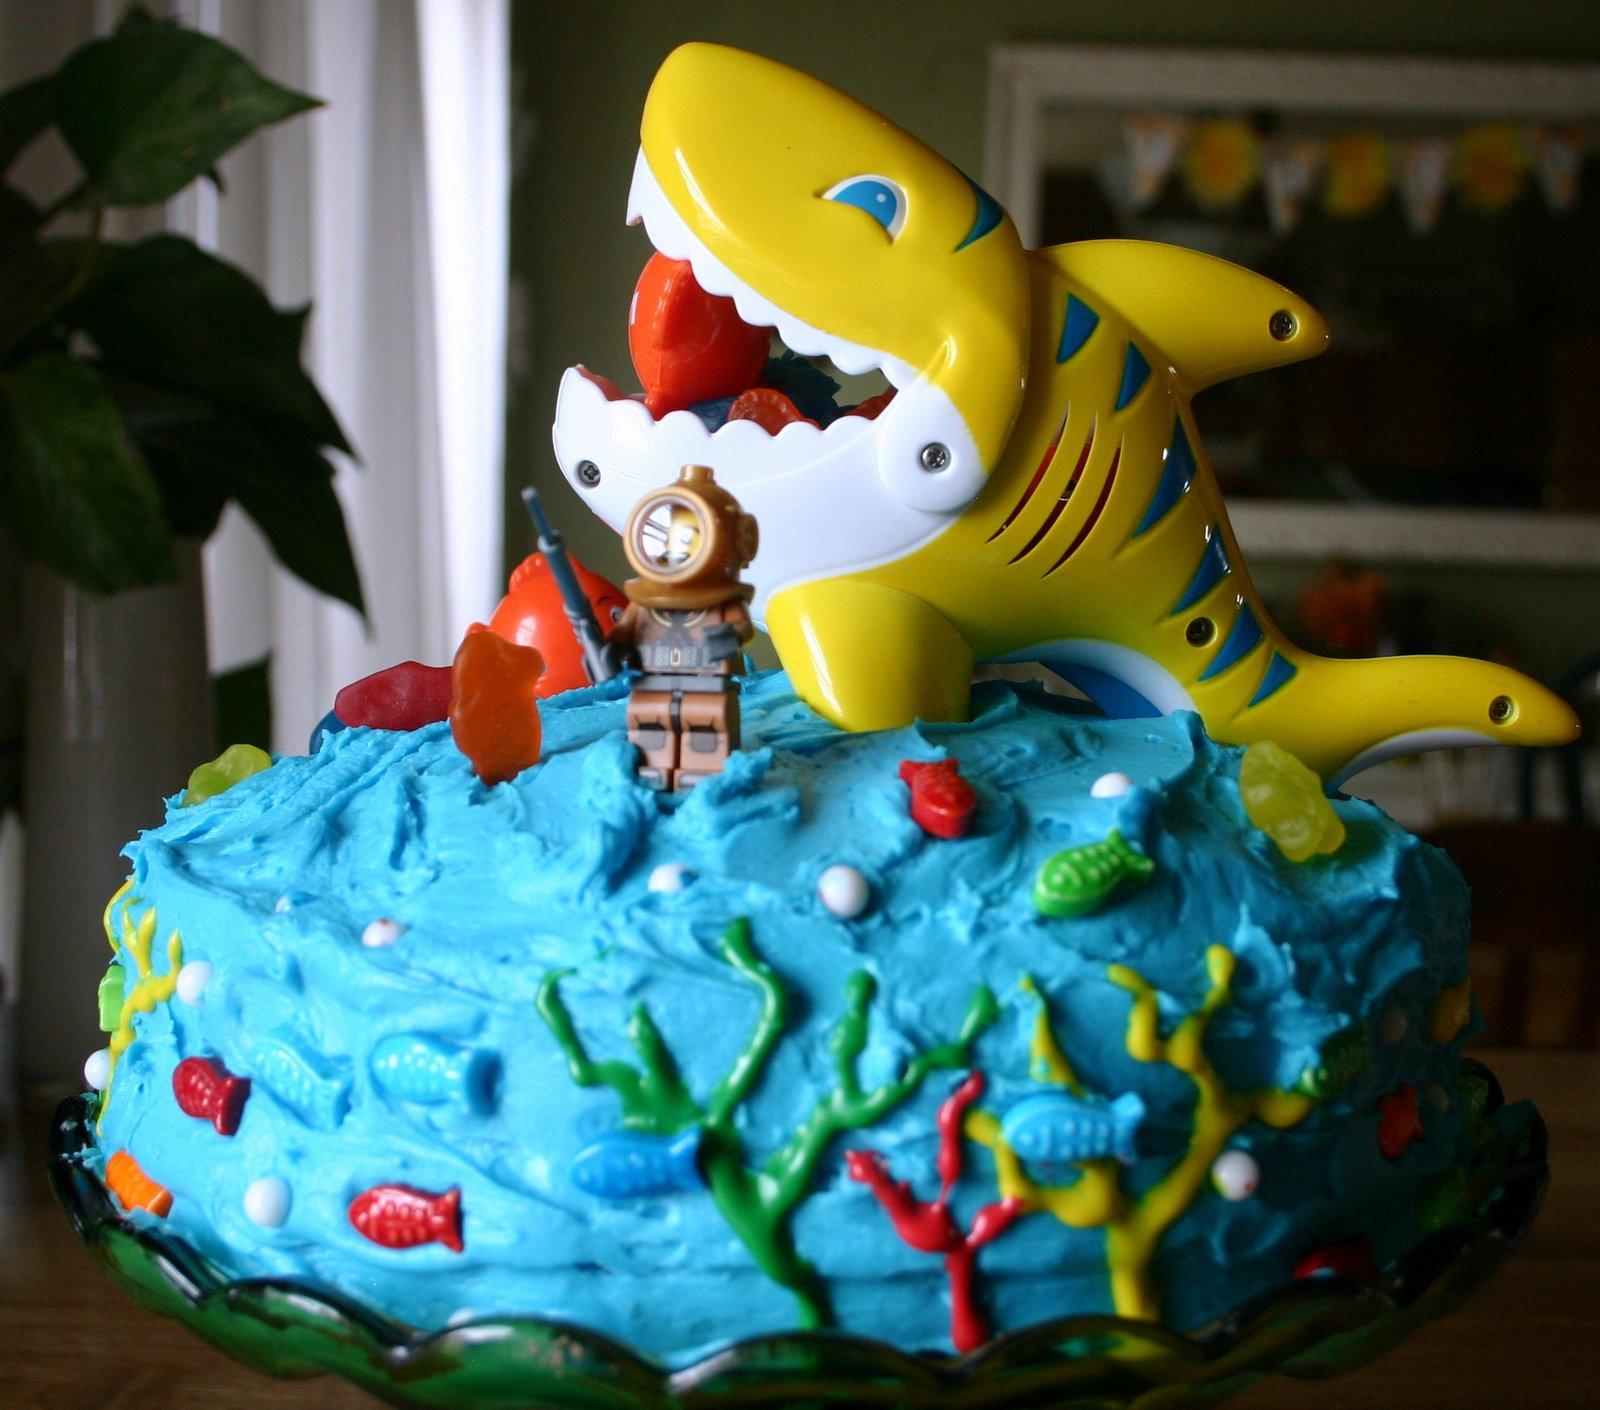 Lego Shark Toys For Boys : Li l buck s creations lego minifig shark cake birthday